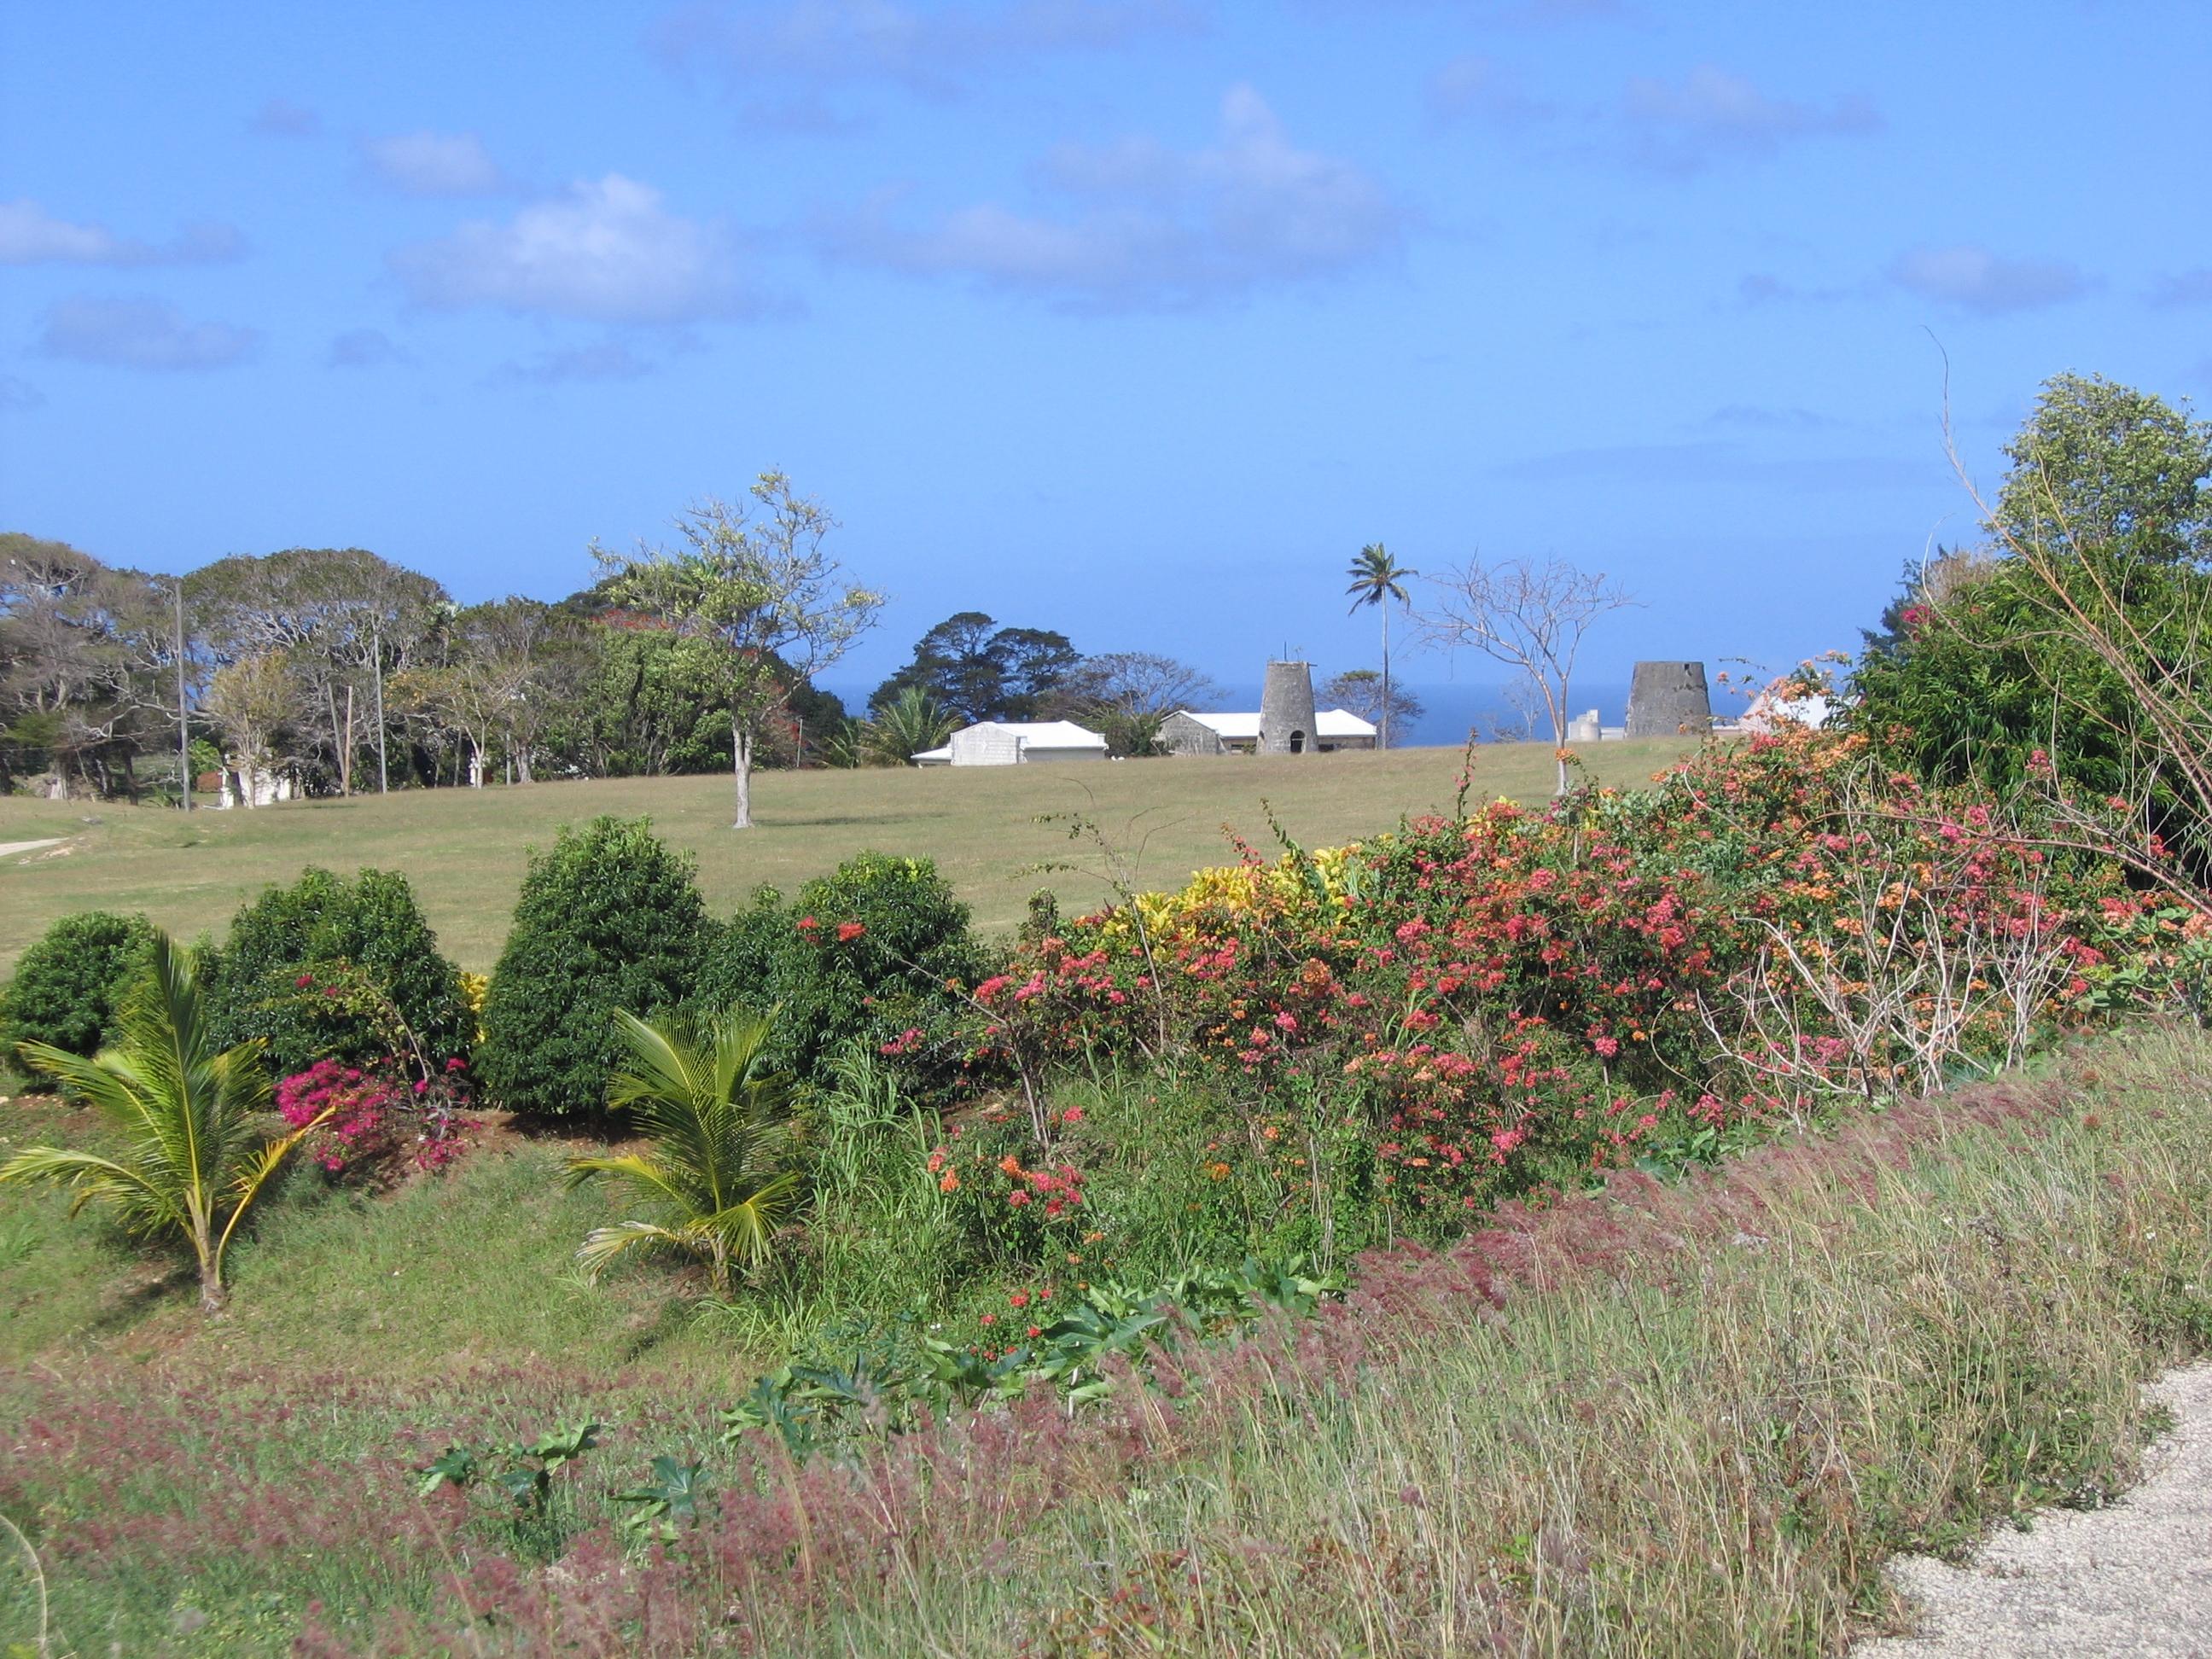 Άγιος Πέτρος, Μπαρμπάντος